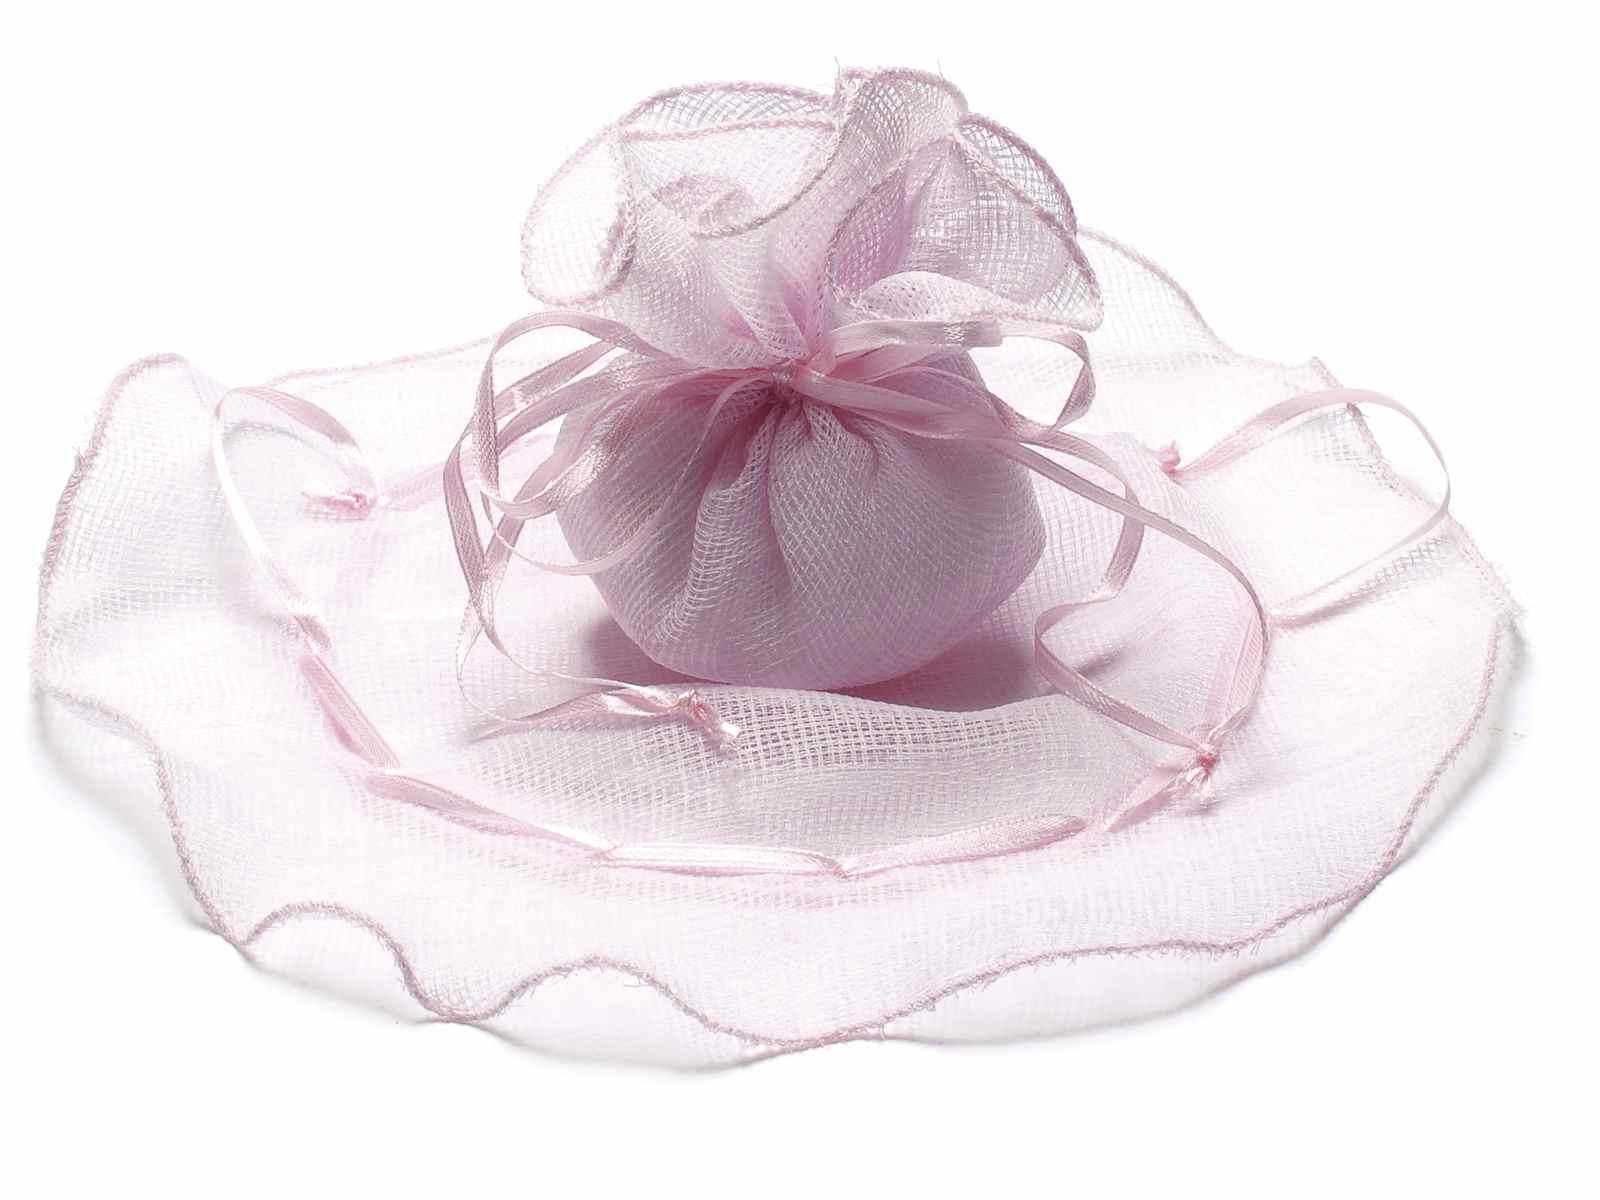 Tulle tondo in tela con bordo ondulato e tirante rosa confetto